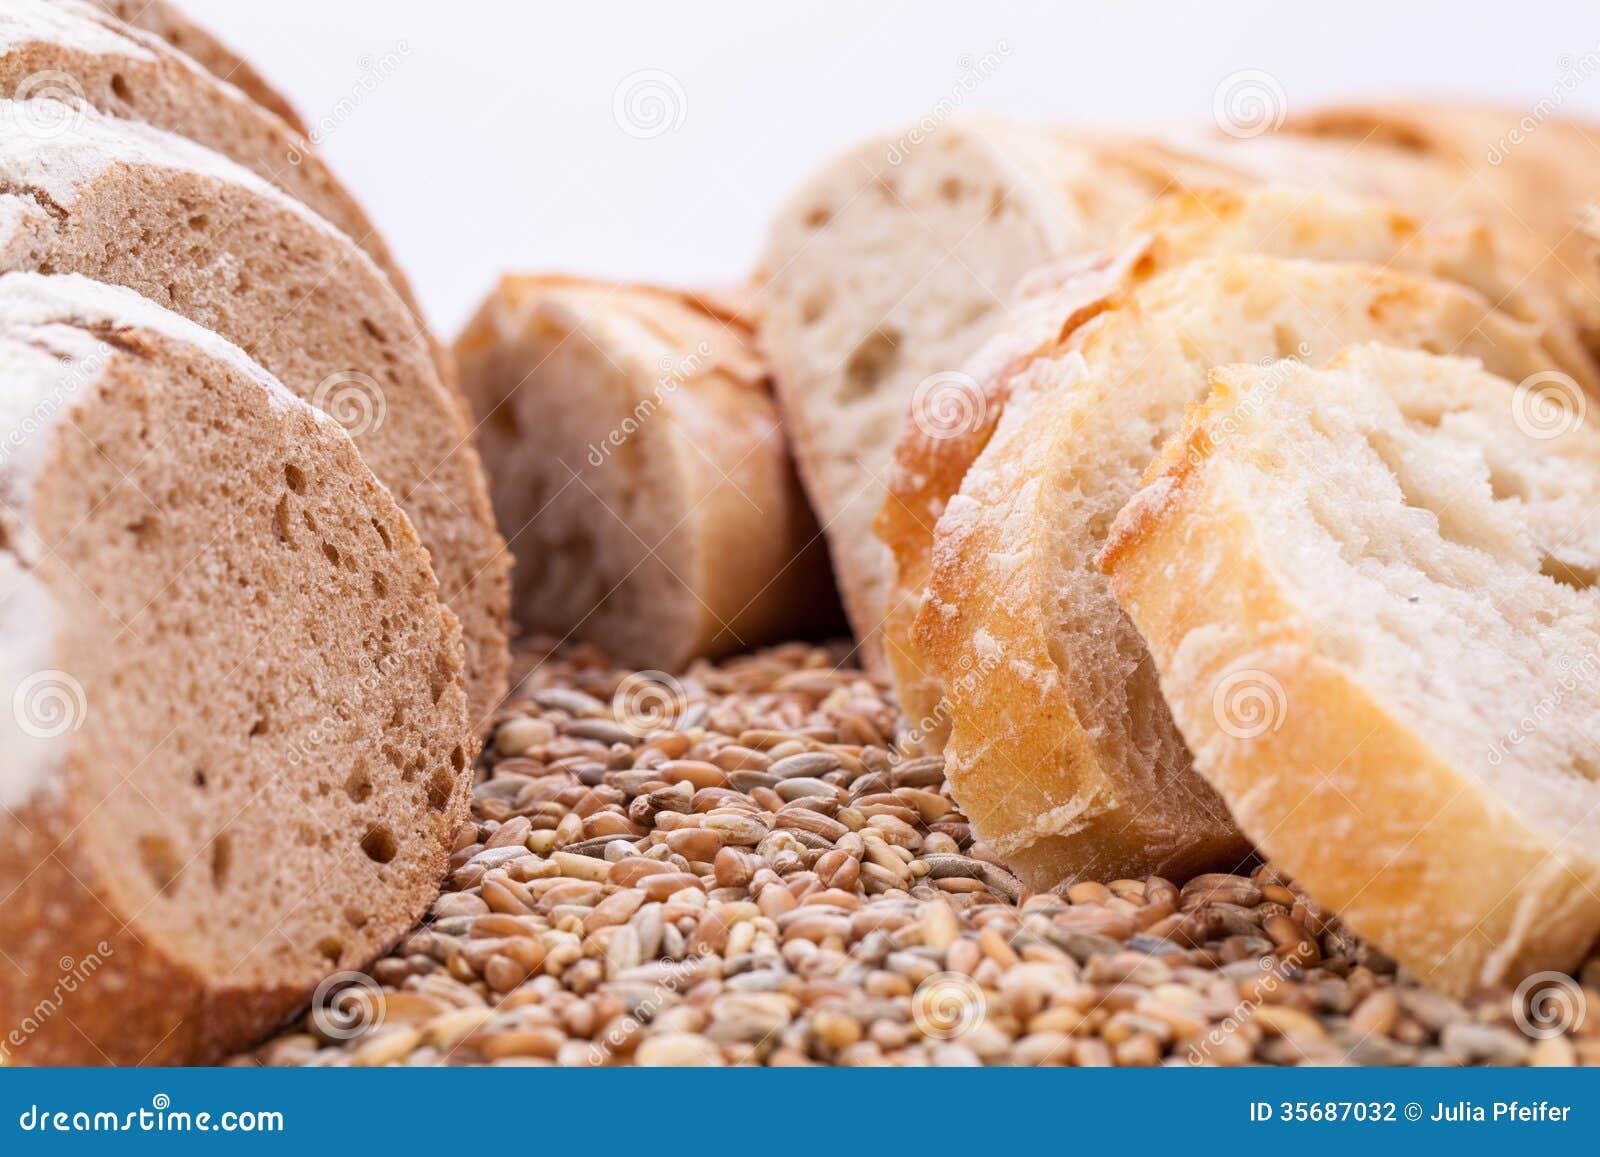 Fresh tasty mixed bread slice bakery loaf